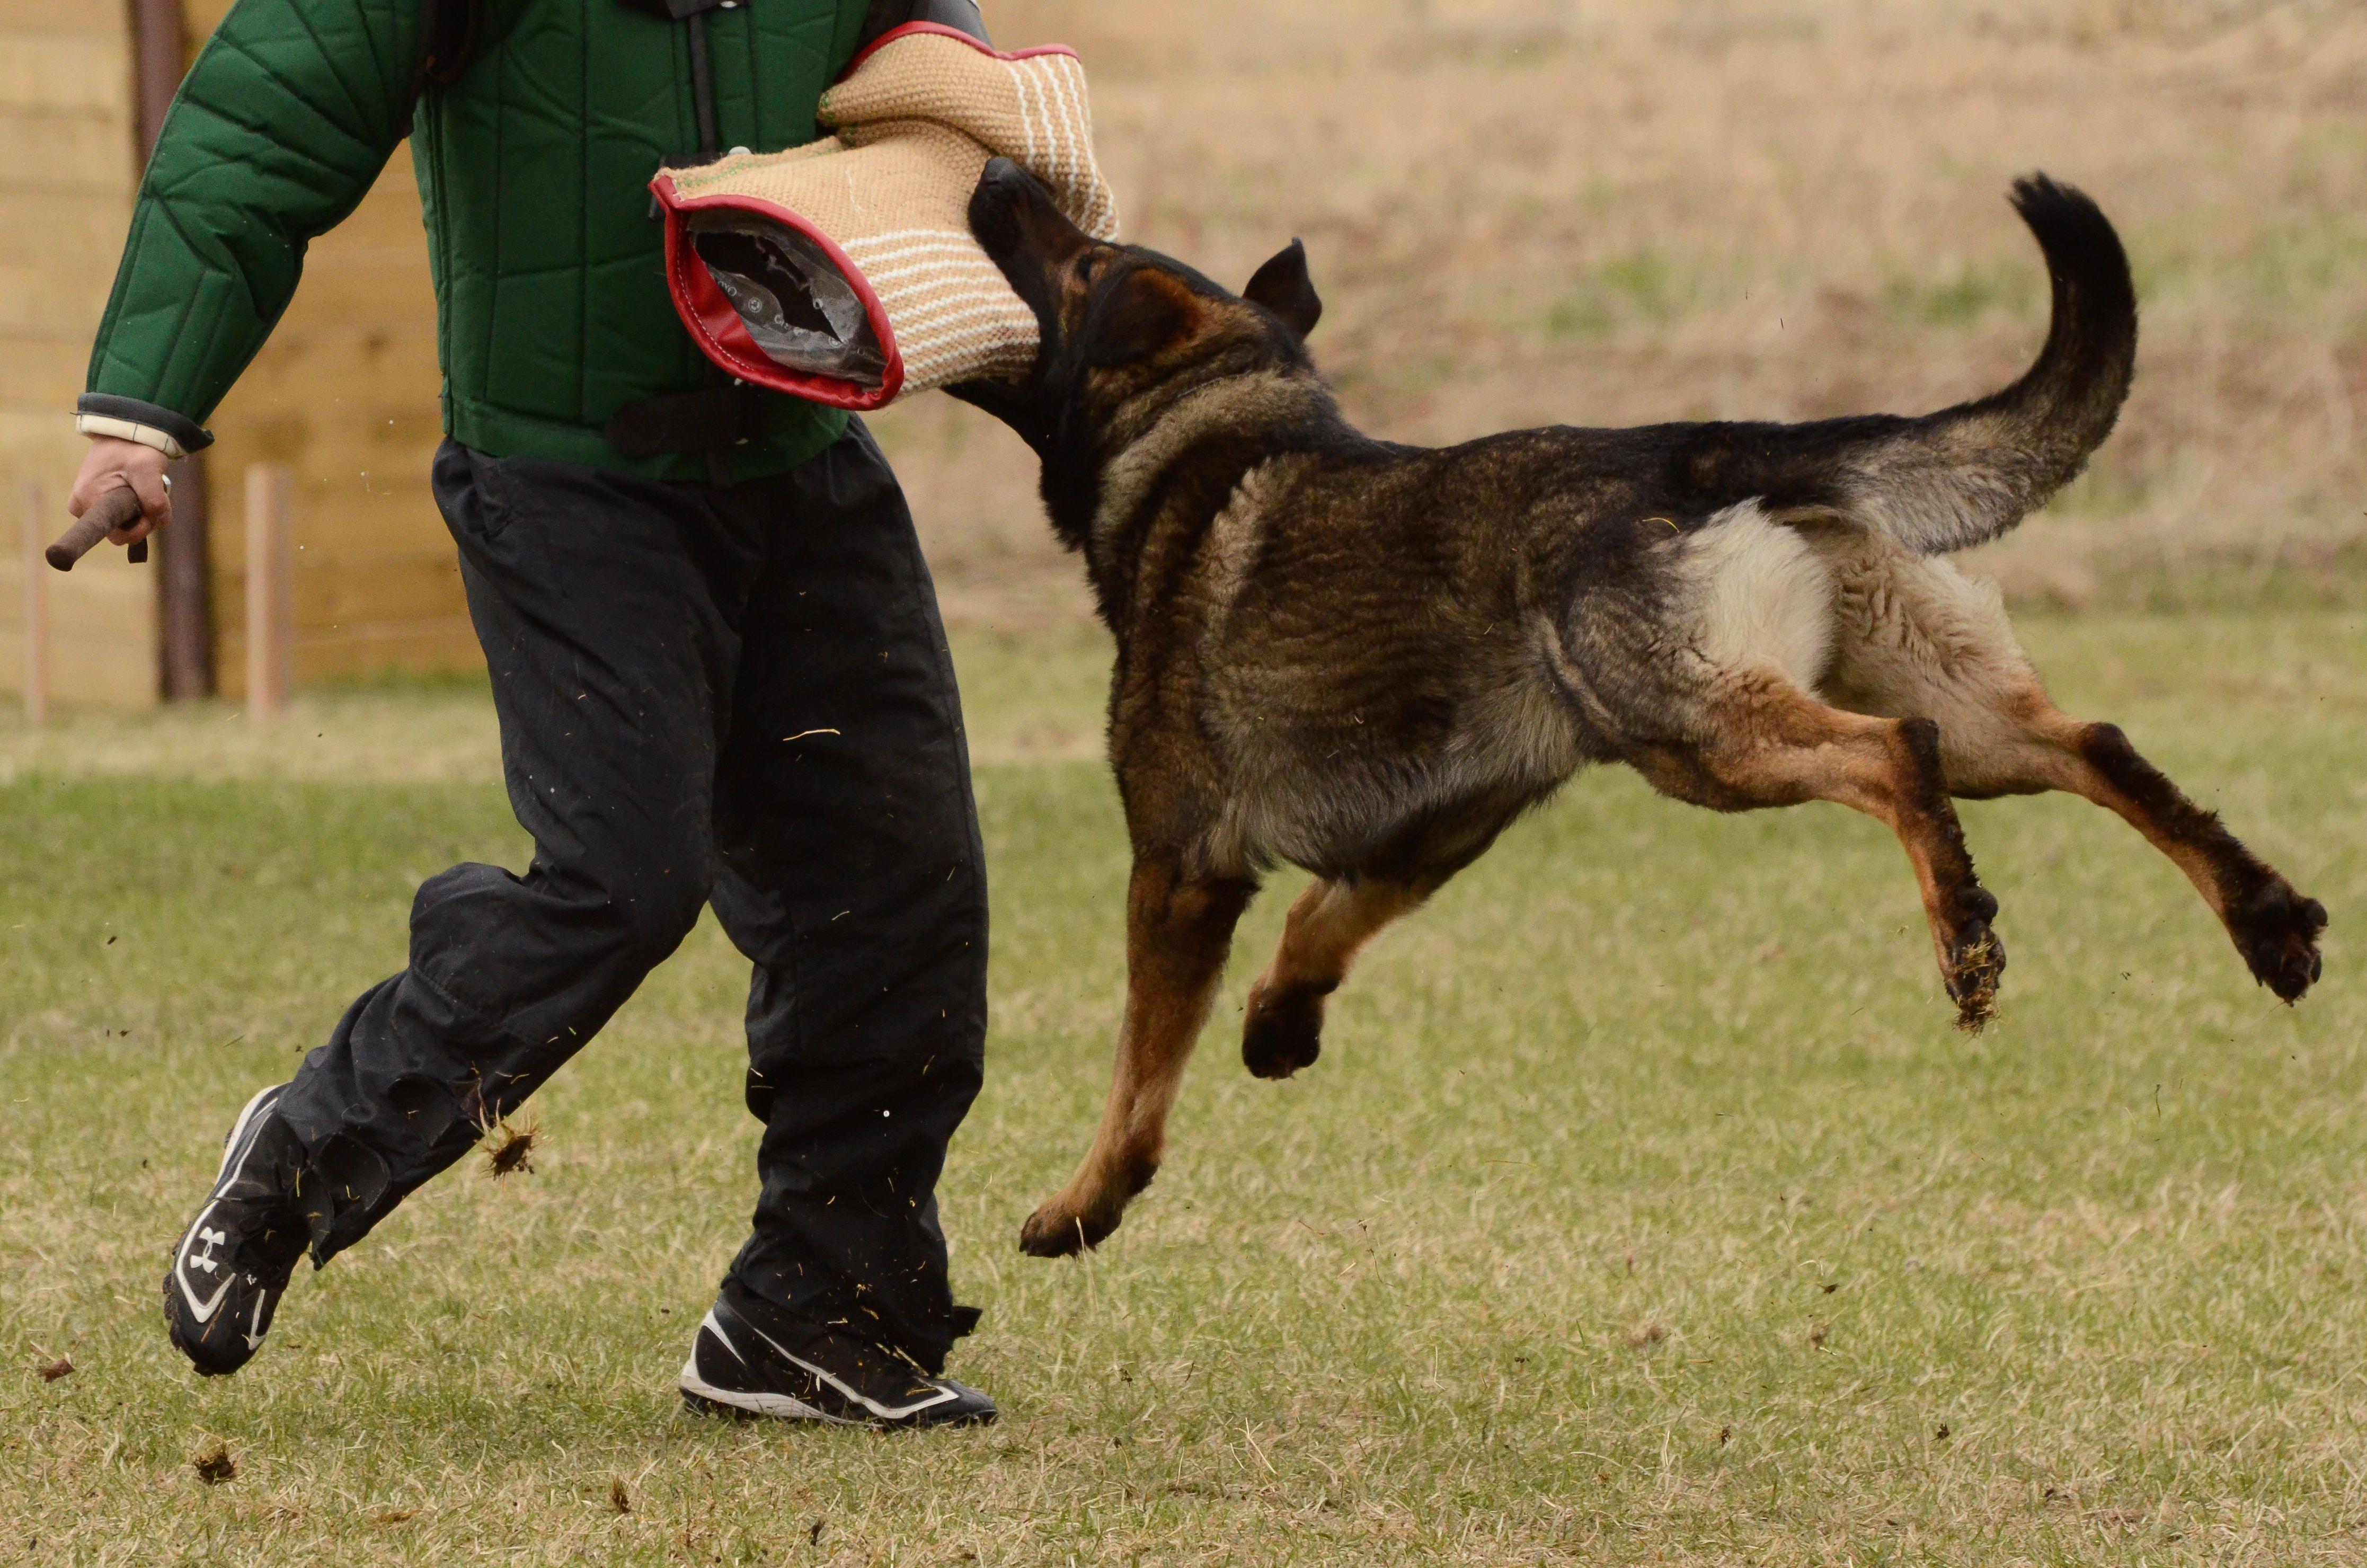 GermanShepherd, Schutzhund, GSD Like, repin, share